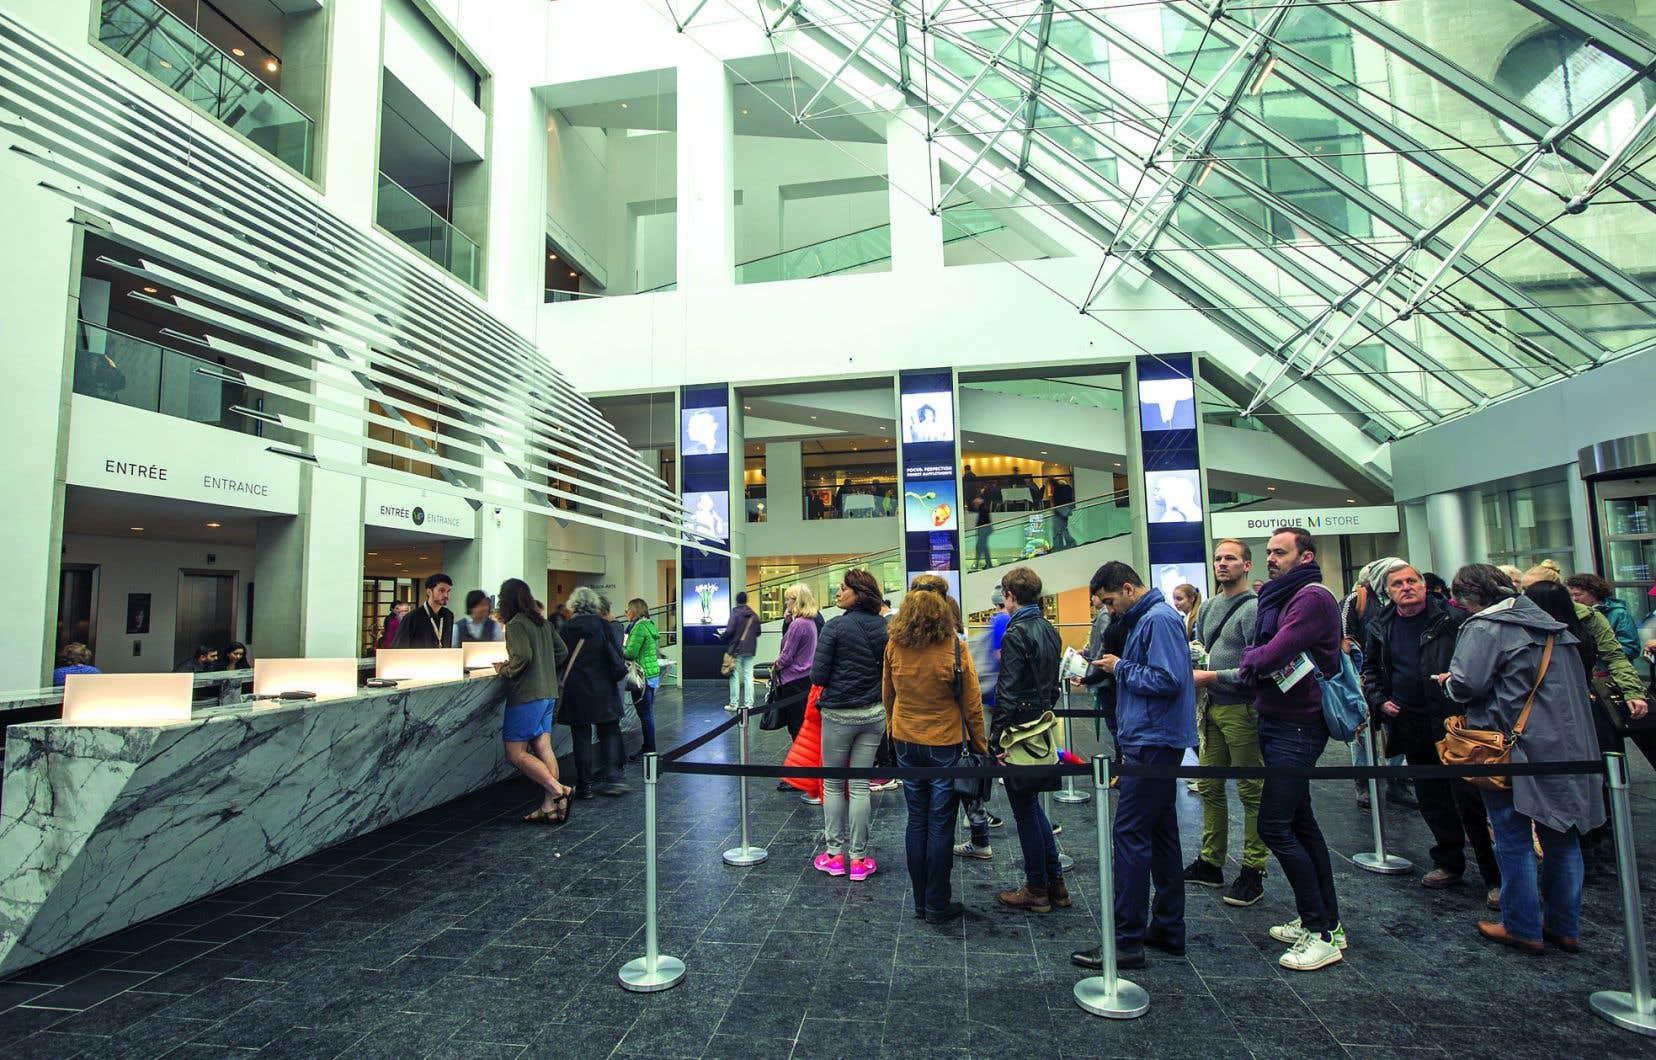 Tout abonné à une bibliothèque du réseau de la ville de Montréal et de la Grande Bibliothèque du Québec peut emprunter une carte qui lui donnera accès gratuitement au MBAM et au Centre d'histoire de Montréal.